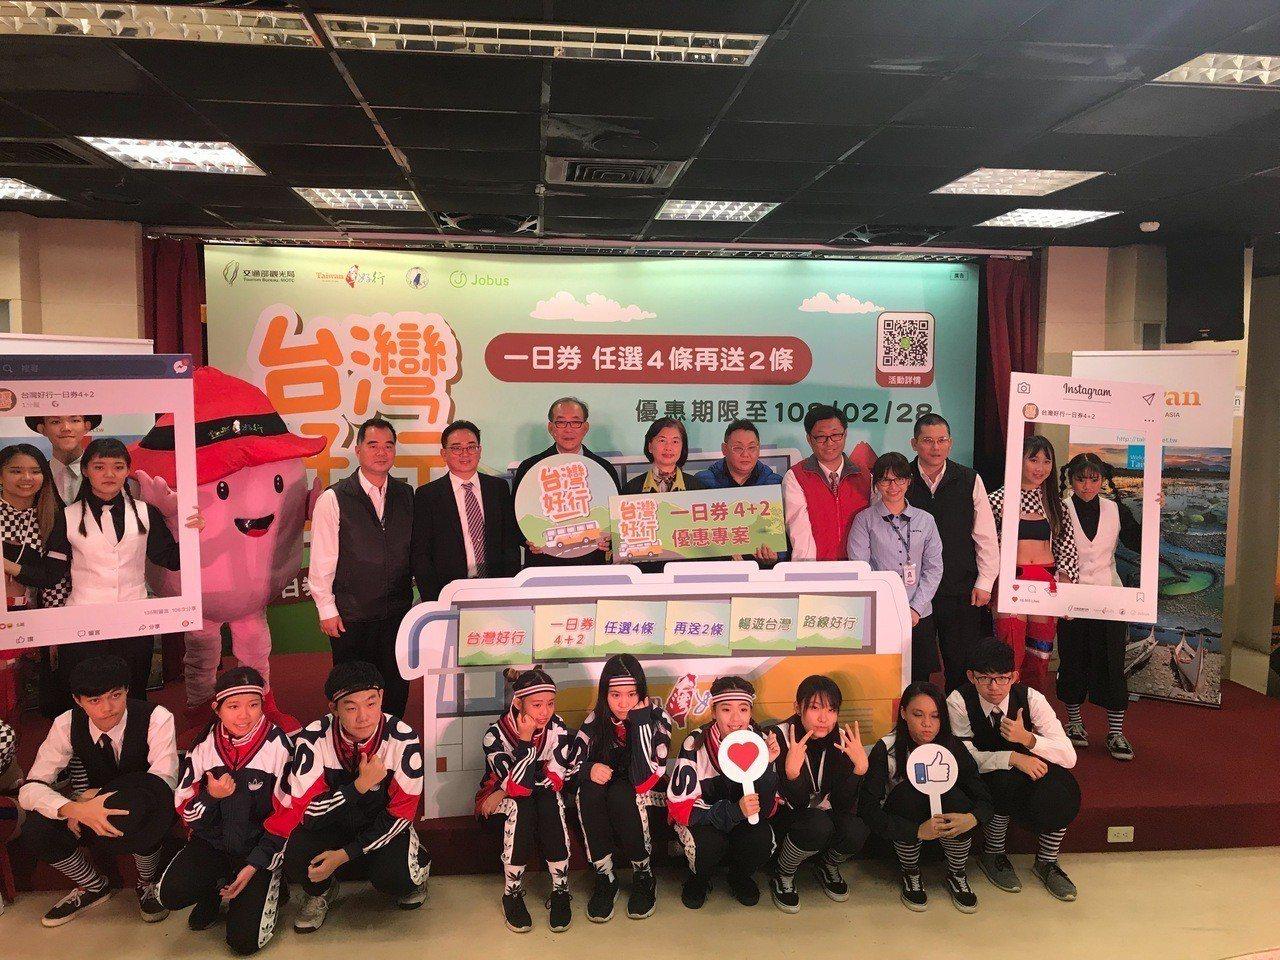 觀光局今推出年終感恩回饋「台灣好行一日券4+2」活動,鼓勵民眾透過一日券方式搭乘...